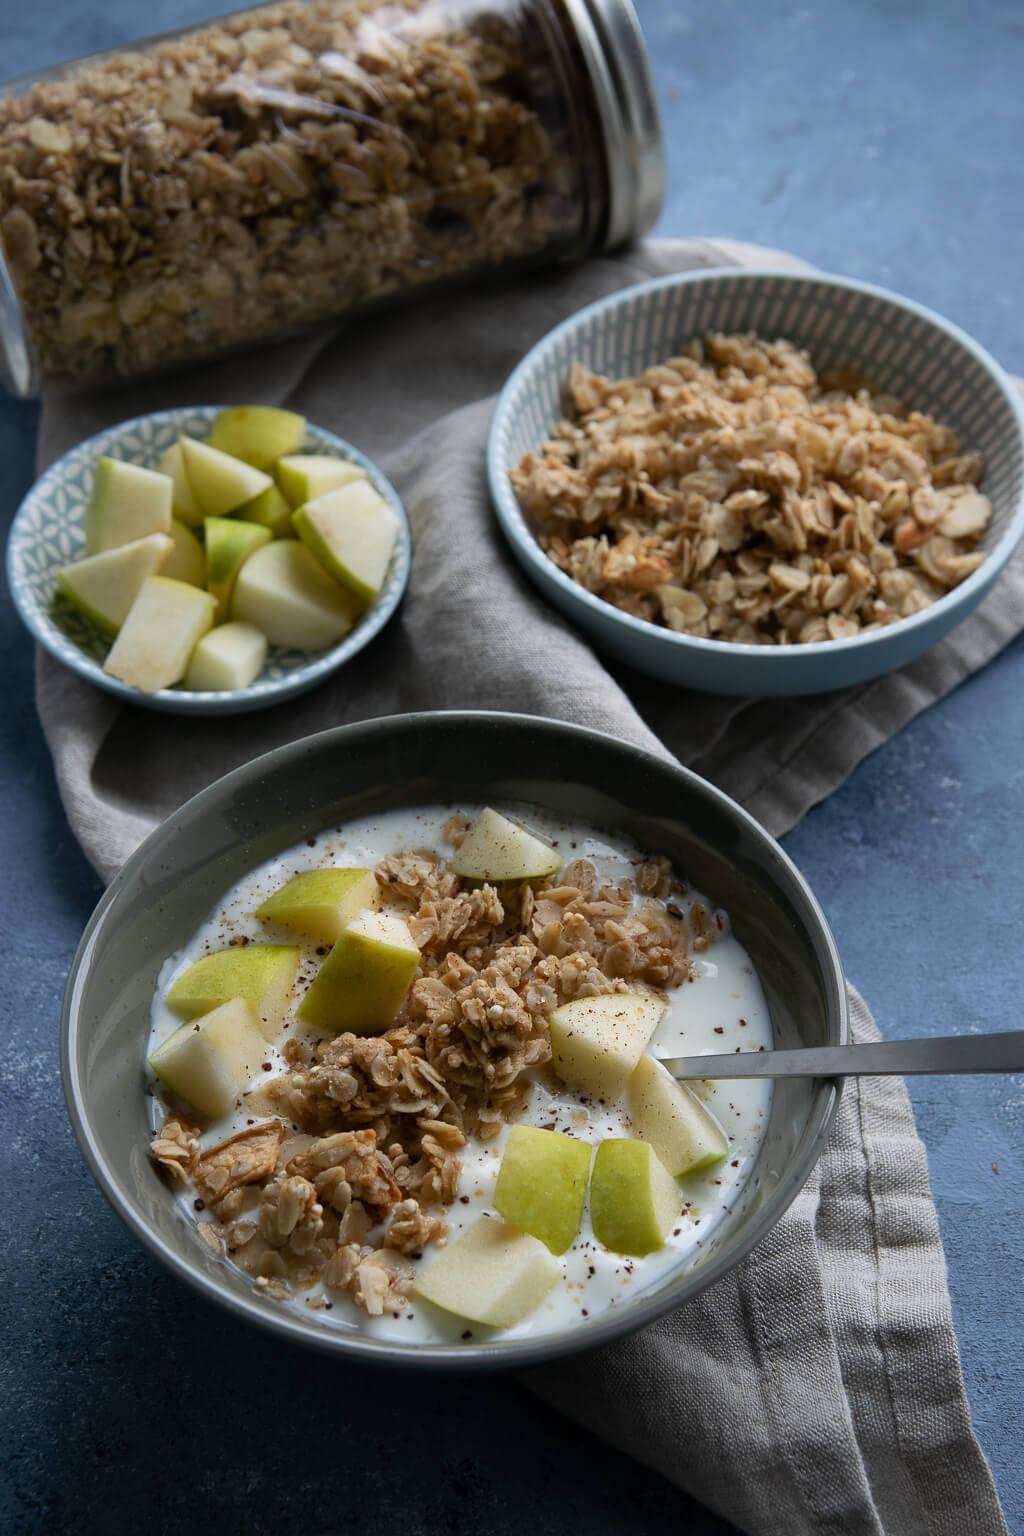 knuspermüsli mit apfel und joghurt - granola selber machen